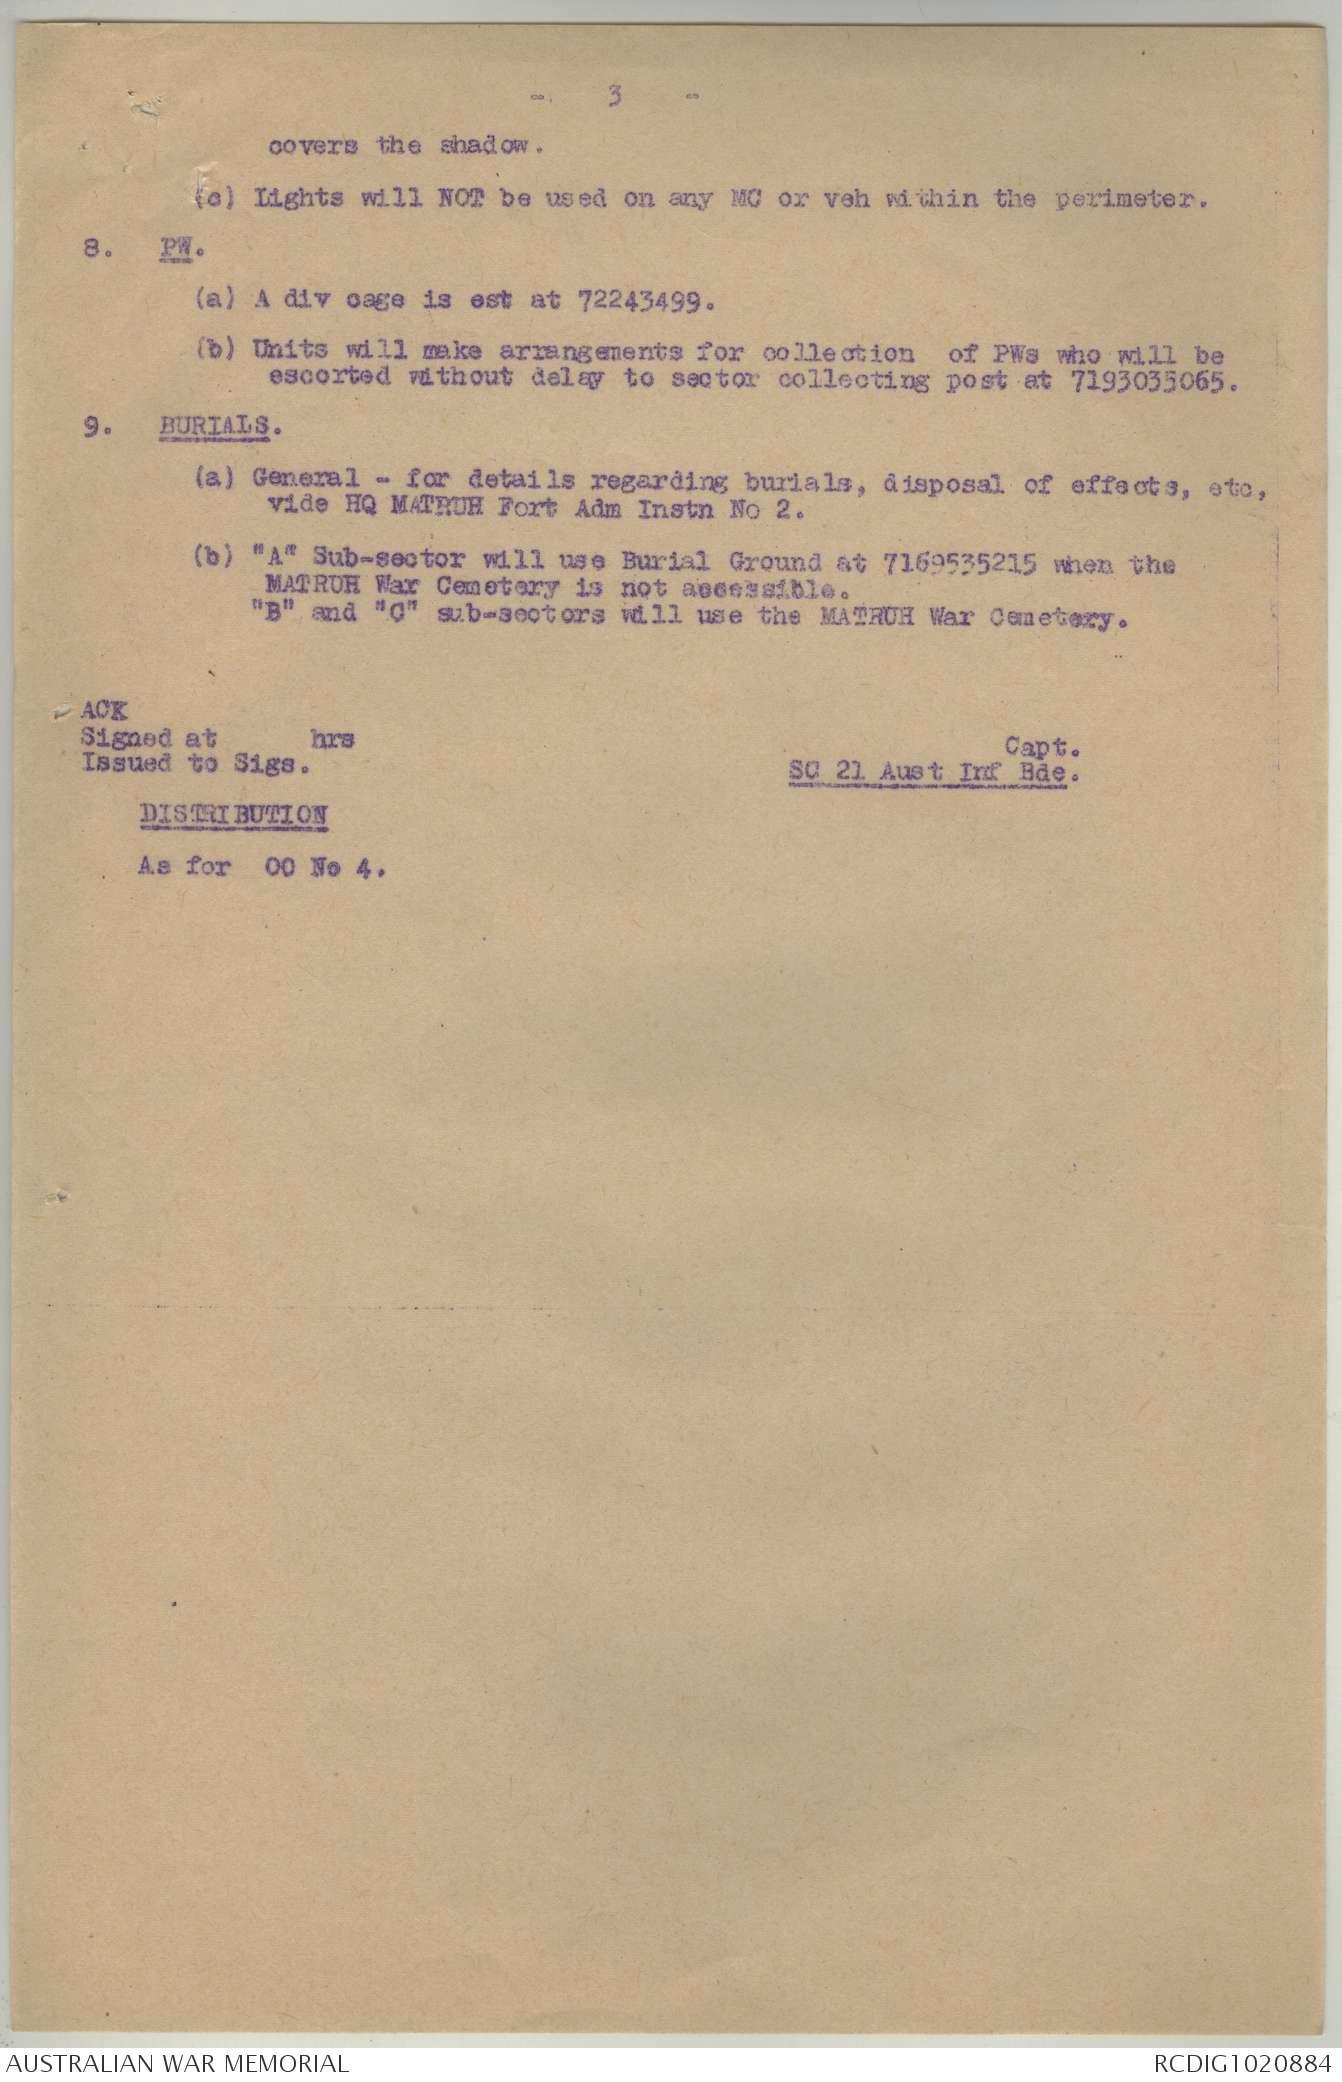 AWM52 8/2/21/8 - May 1941 | The Australian War Memorial